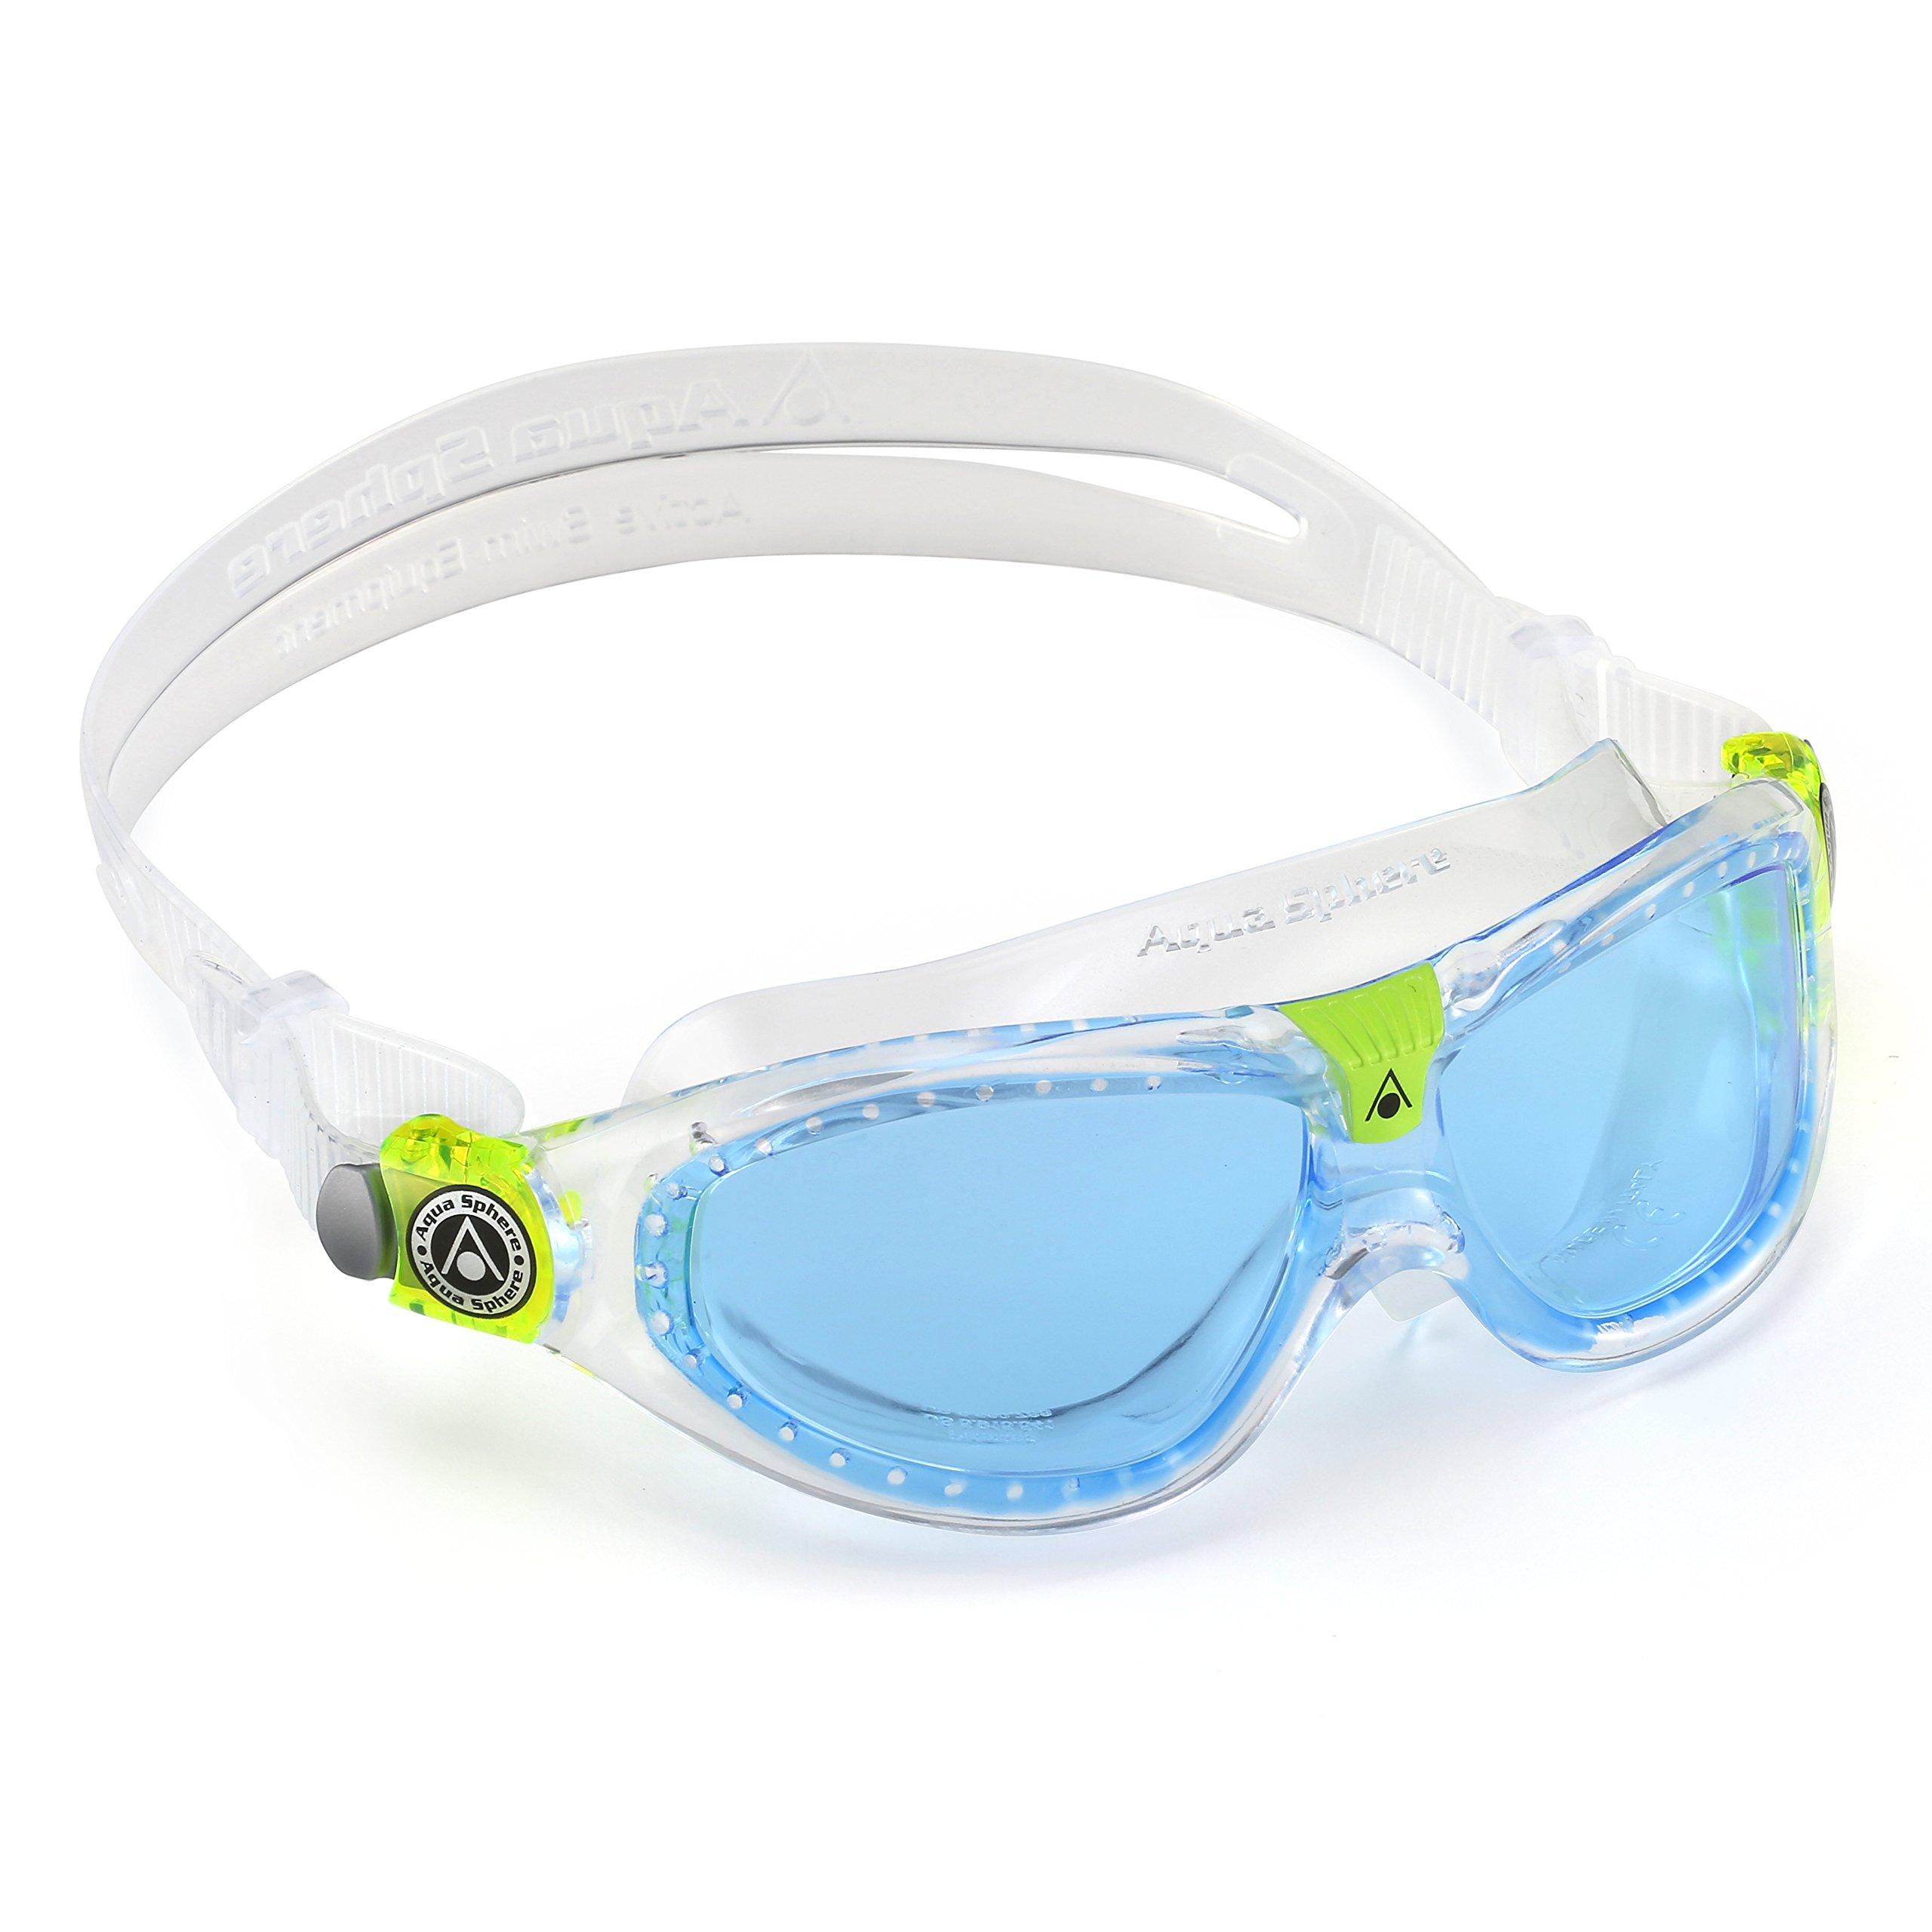 Gafas para piscina de Aqua Sphere, gafas de natación para niños Seal Kid 2